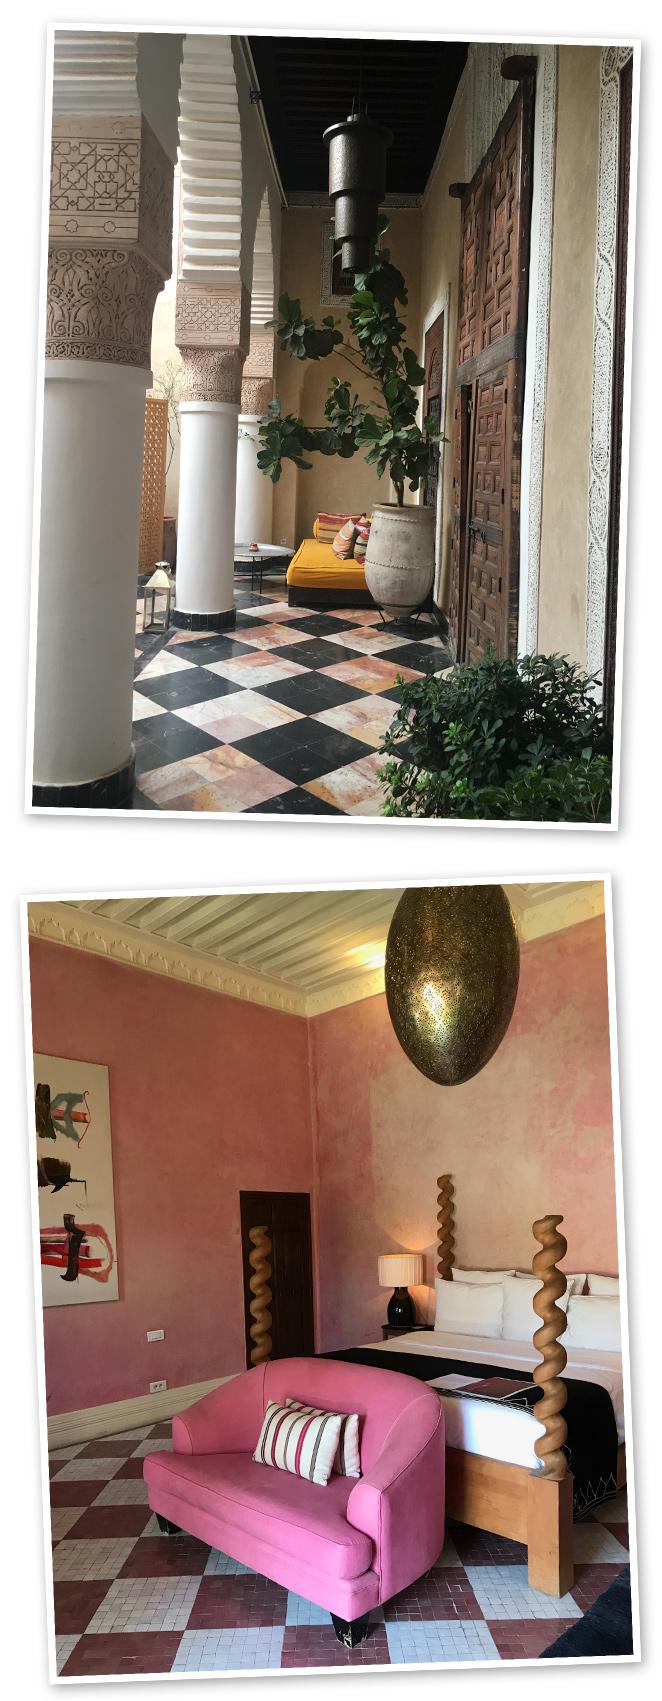 Para vivir una experiencia de lujo inolvidable nada como La Mamounia, un hotel que te hará despertar tus cinco sentidos. El Fenn, uno de los riads de lujo del momento situado en el centro de la ciudad.